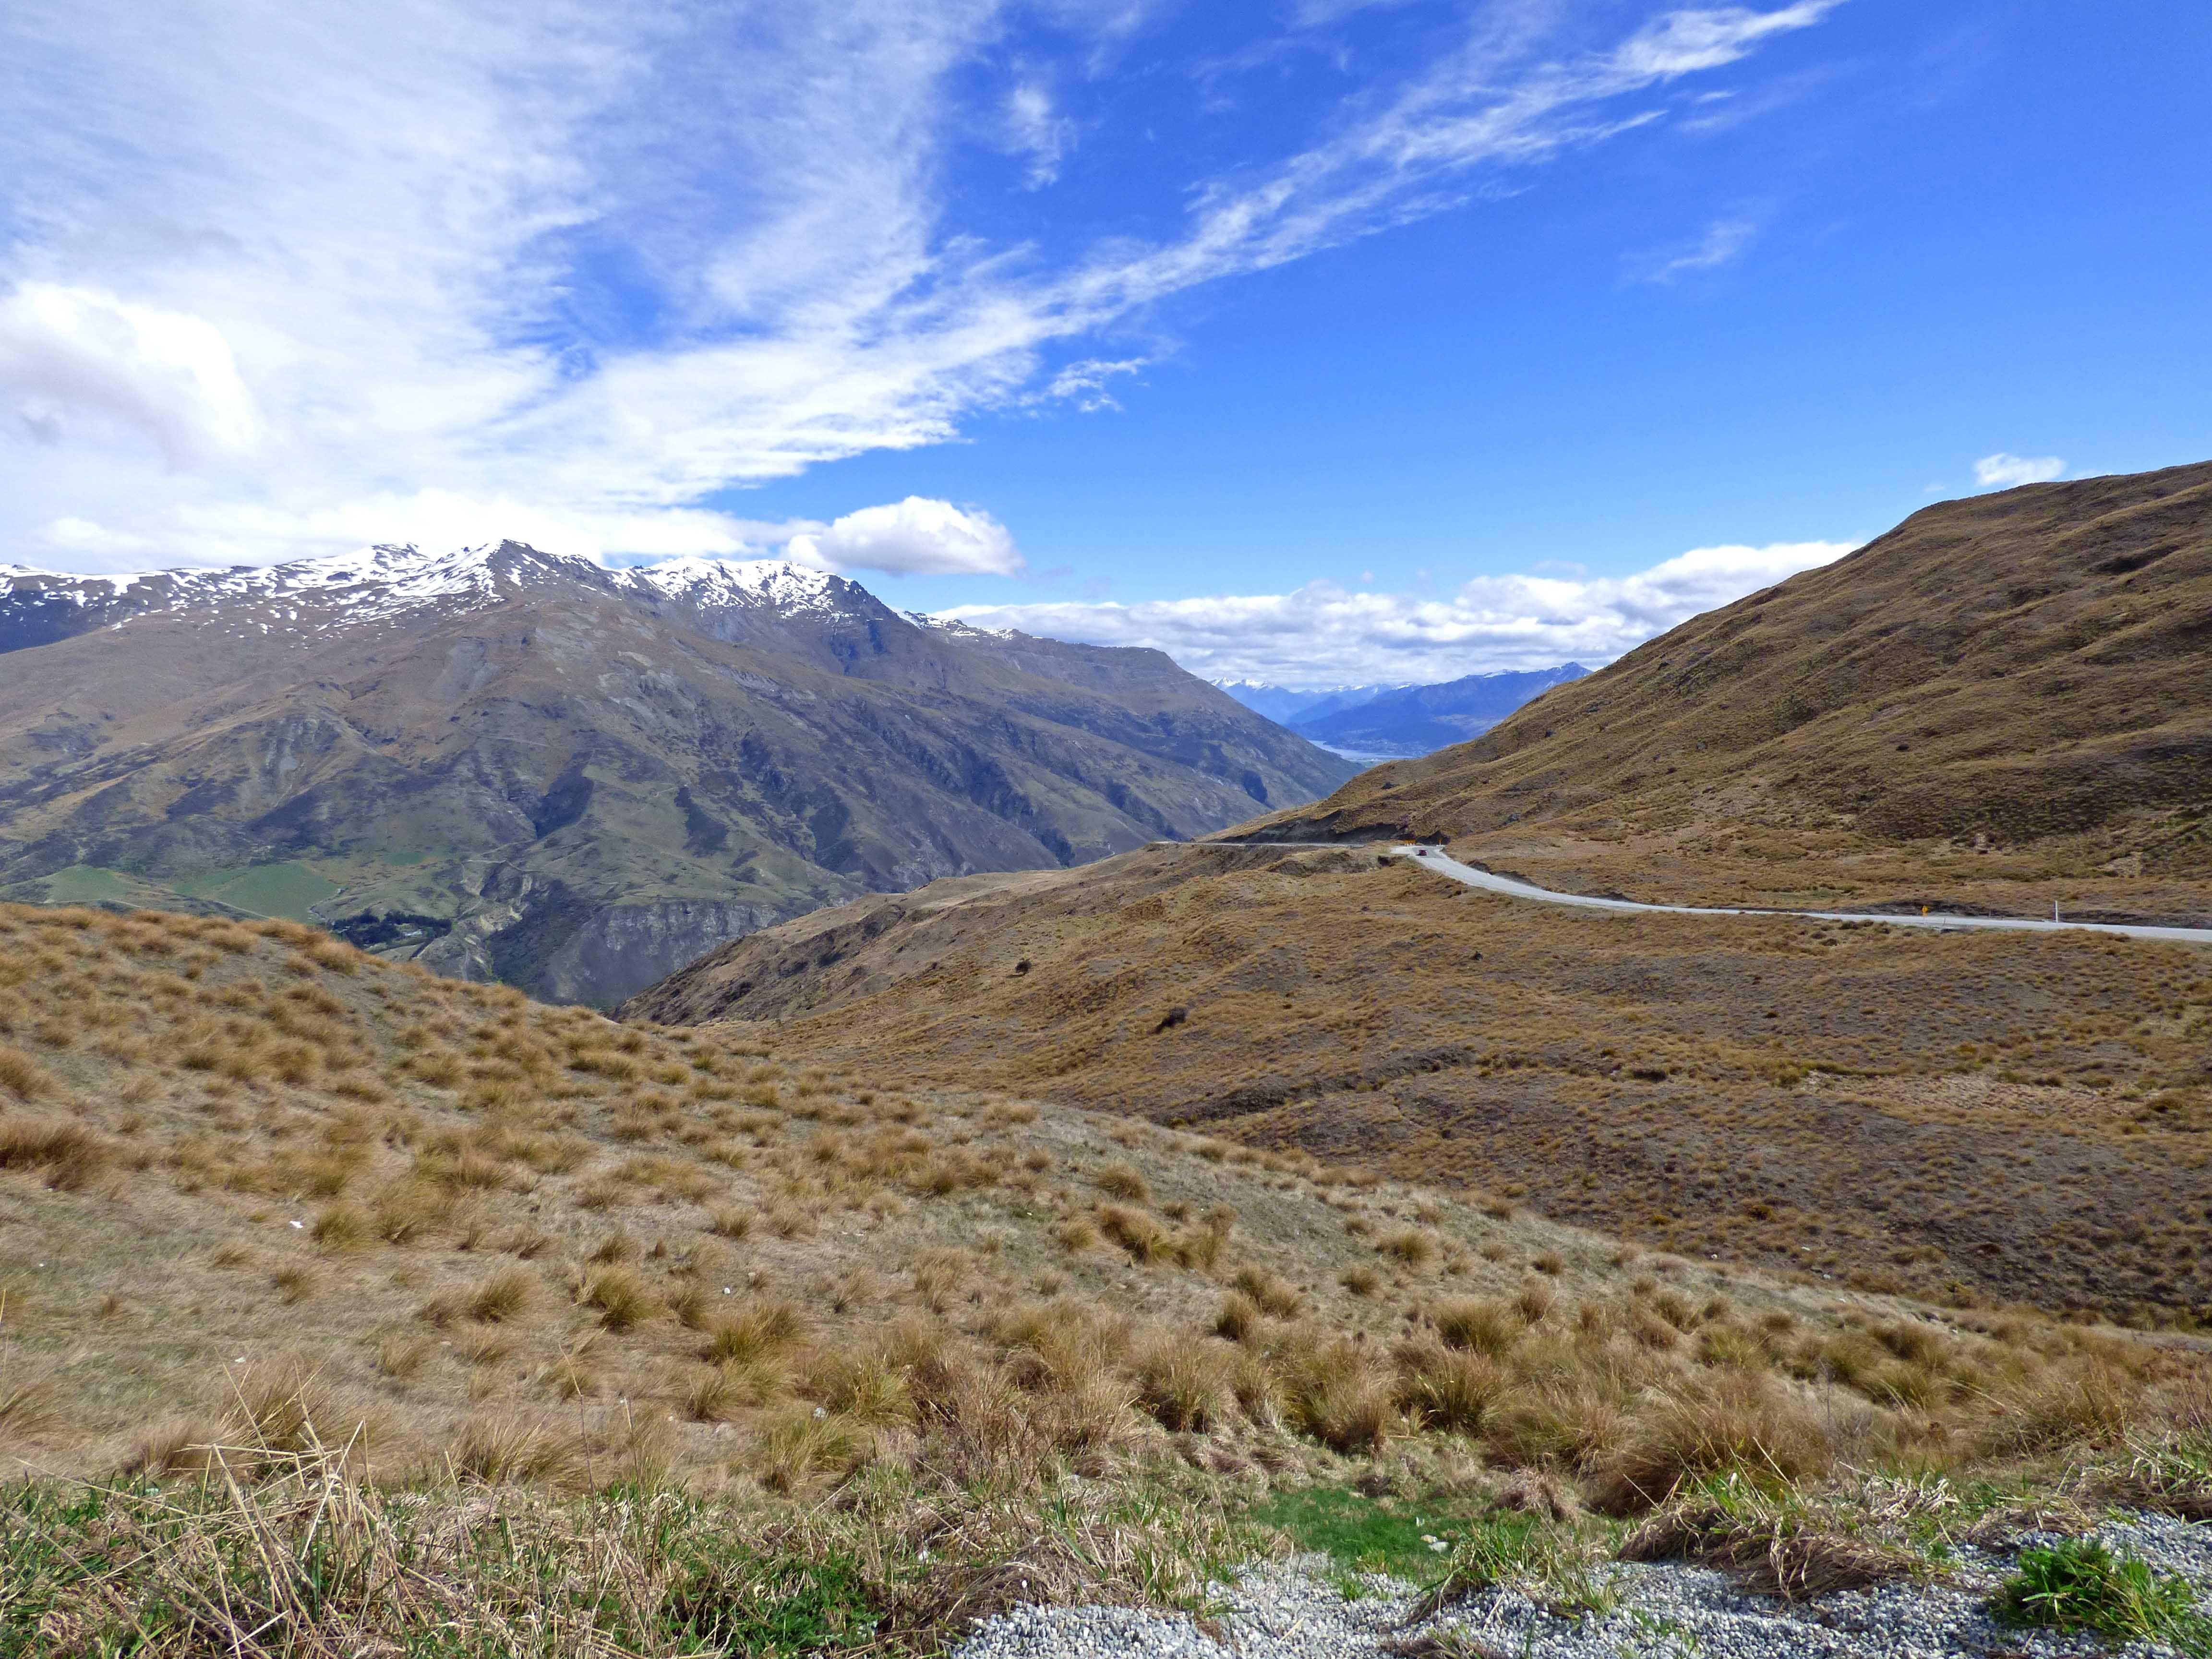 La Nouvelle-Zélande est assurément une destination qui fait rêver. En 2016, mon père et moi avons arpenté 6000 kilomètres de route sur les deux îles afin d'admirer des paysages grandioses, pittoresques et extrêmement variés. Je vous dévoile ici notre route.